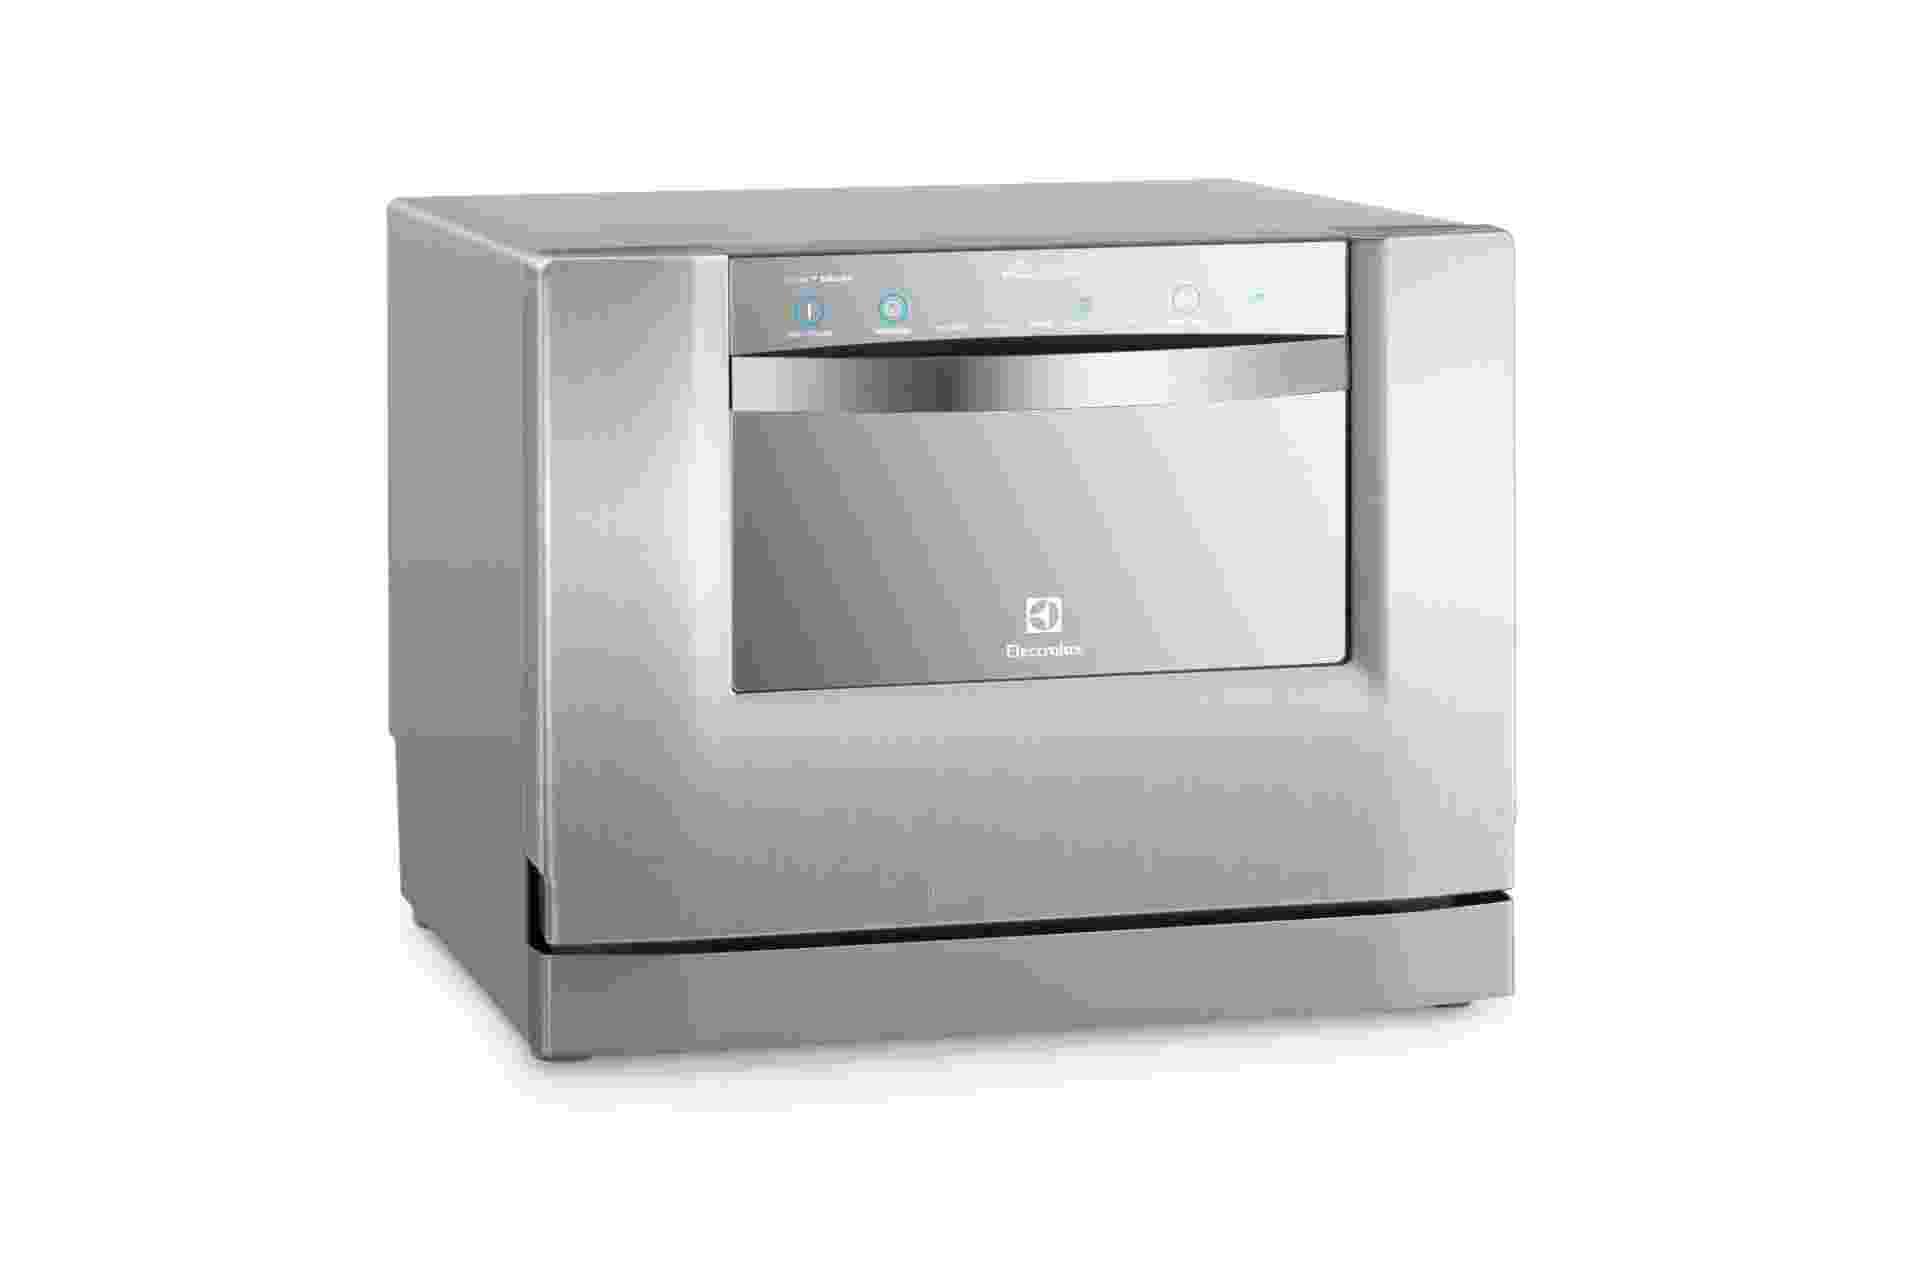 A lava-louça compacta da Electrolux (www.electrolux.com.br), modelo LE06X, tem acabamento interno e externo em aço inox e capacidade de lavar a louça de até seis pessoas. De acordo com o fabricante, a máquina tem um gasto de 8,4 l a cada ciclo normal de lavagem. O produto mede 44,6 cm por 55 cm por 55,8 cm e o preço sugerido pela marca é R$ 1.649 I Preços pesquisados em outubro de 2013 e sujeitos a alterações - Divulgação